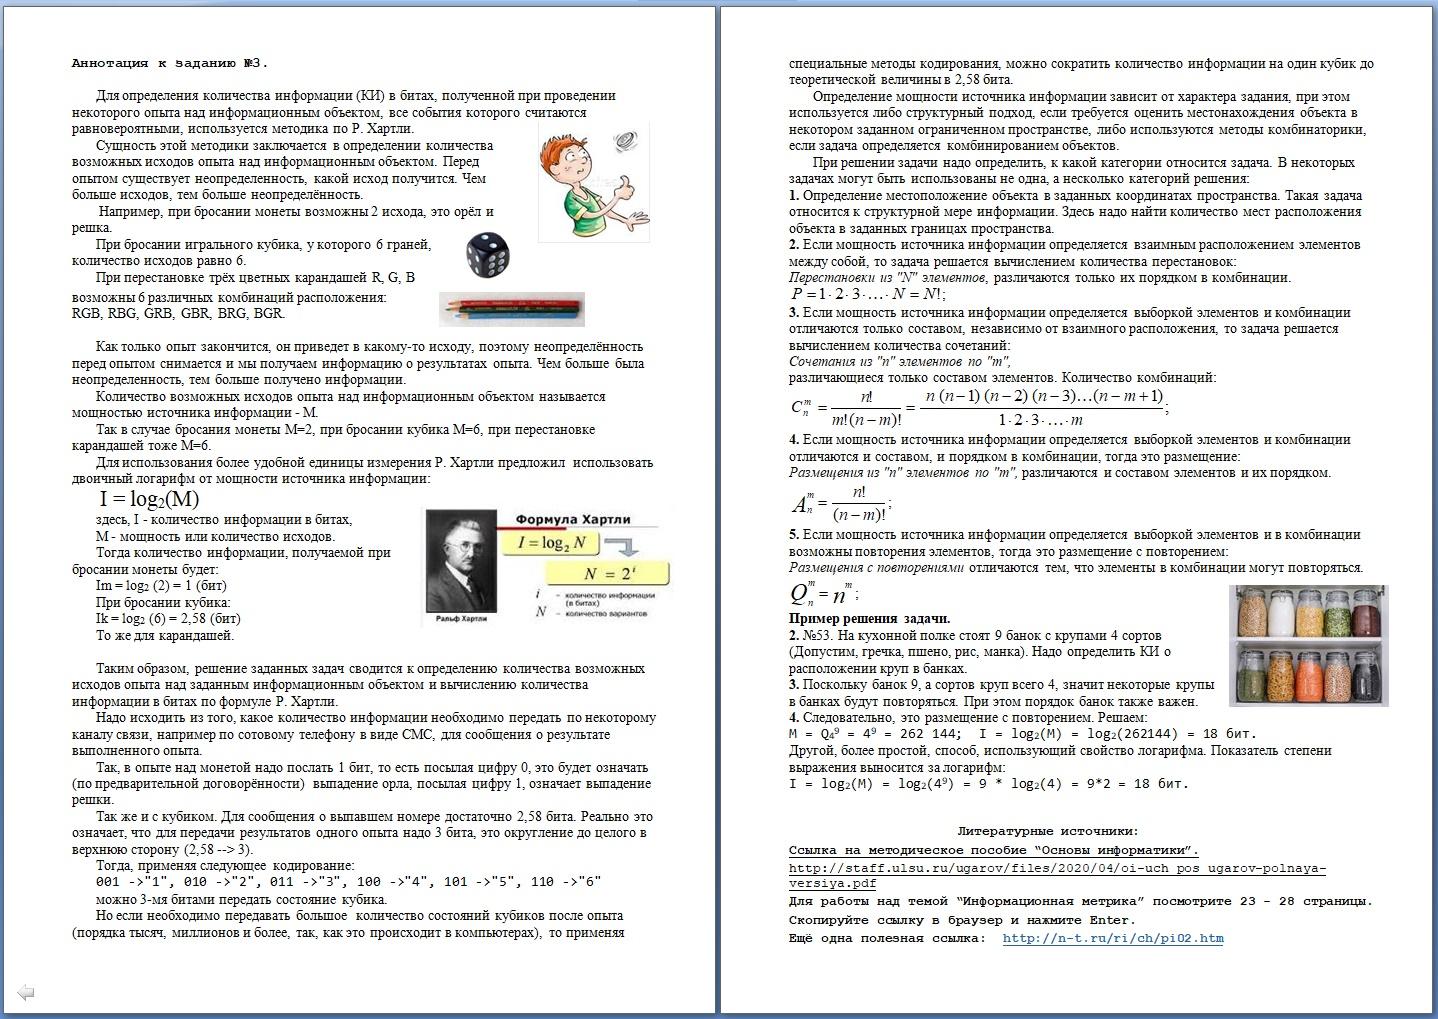 90-sam-3-informmetrika-ki-21